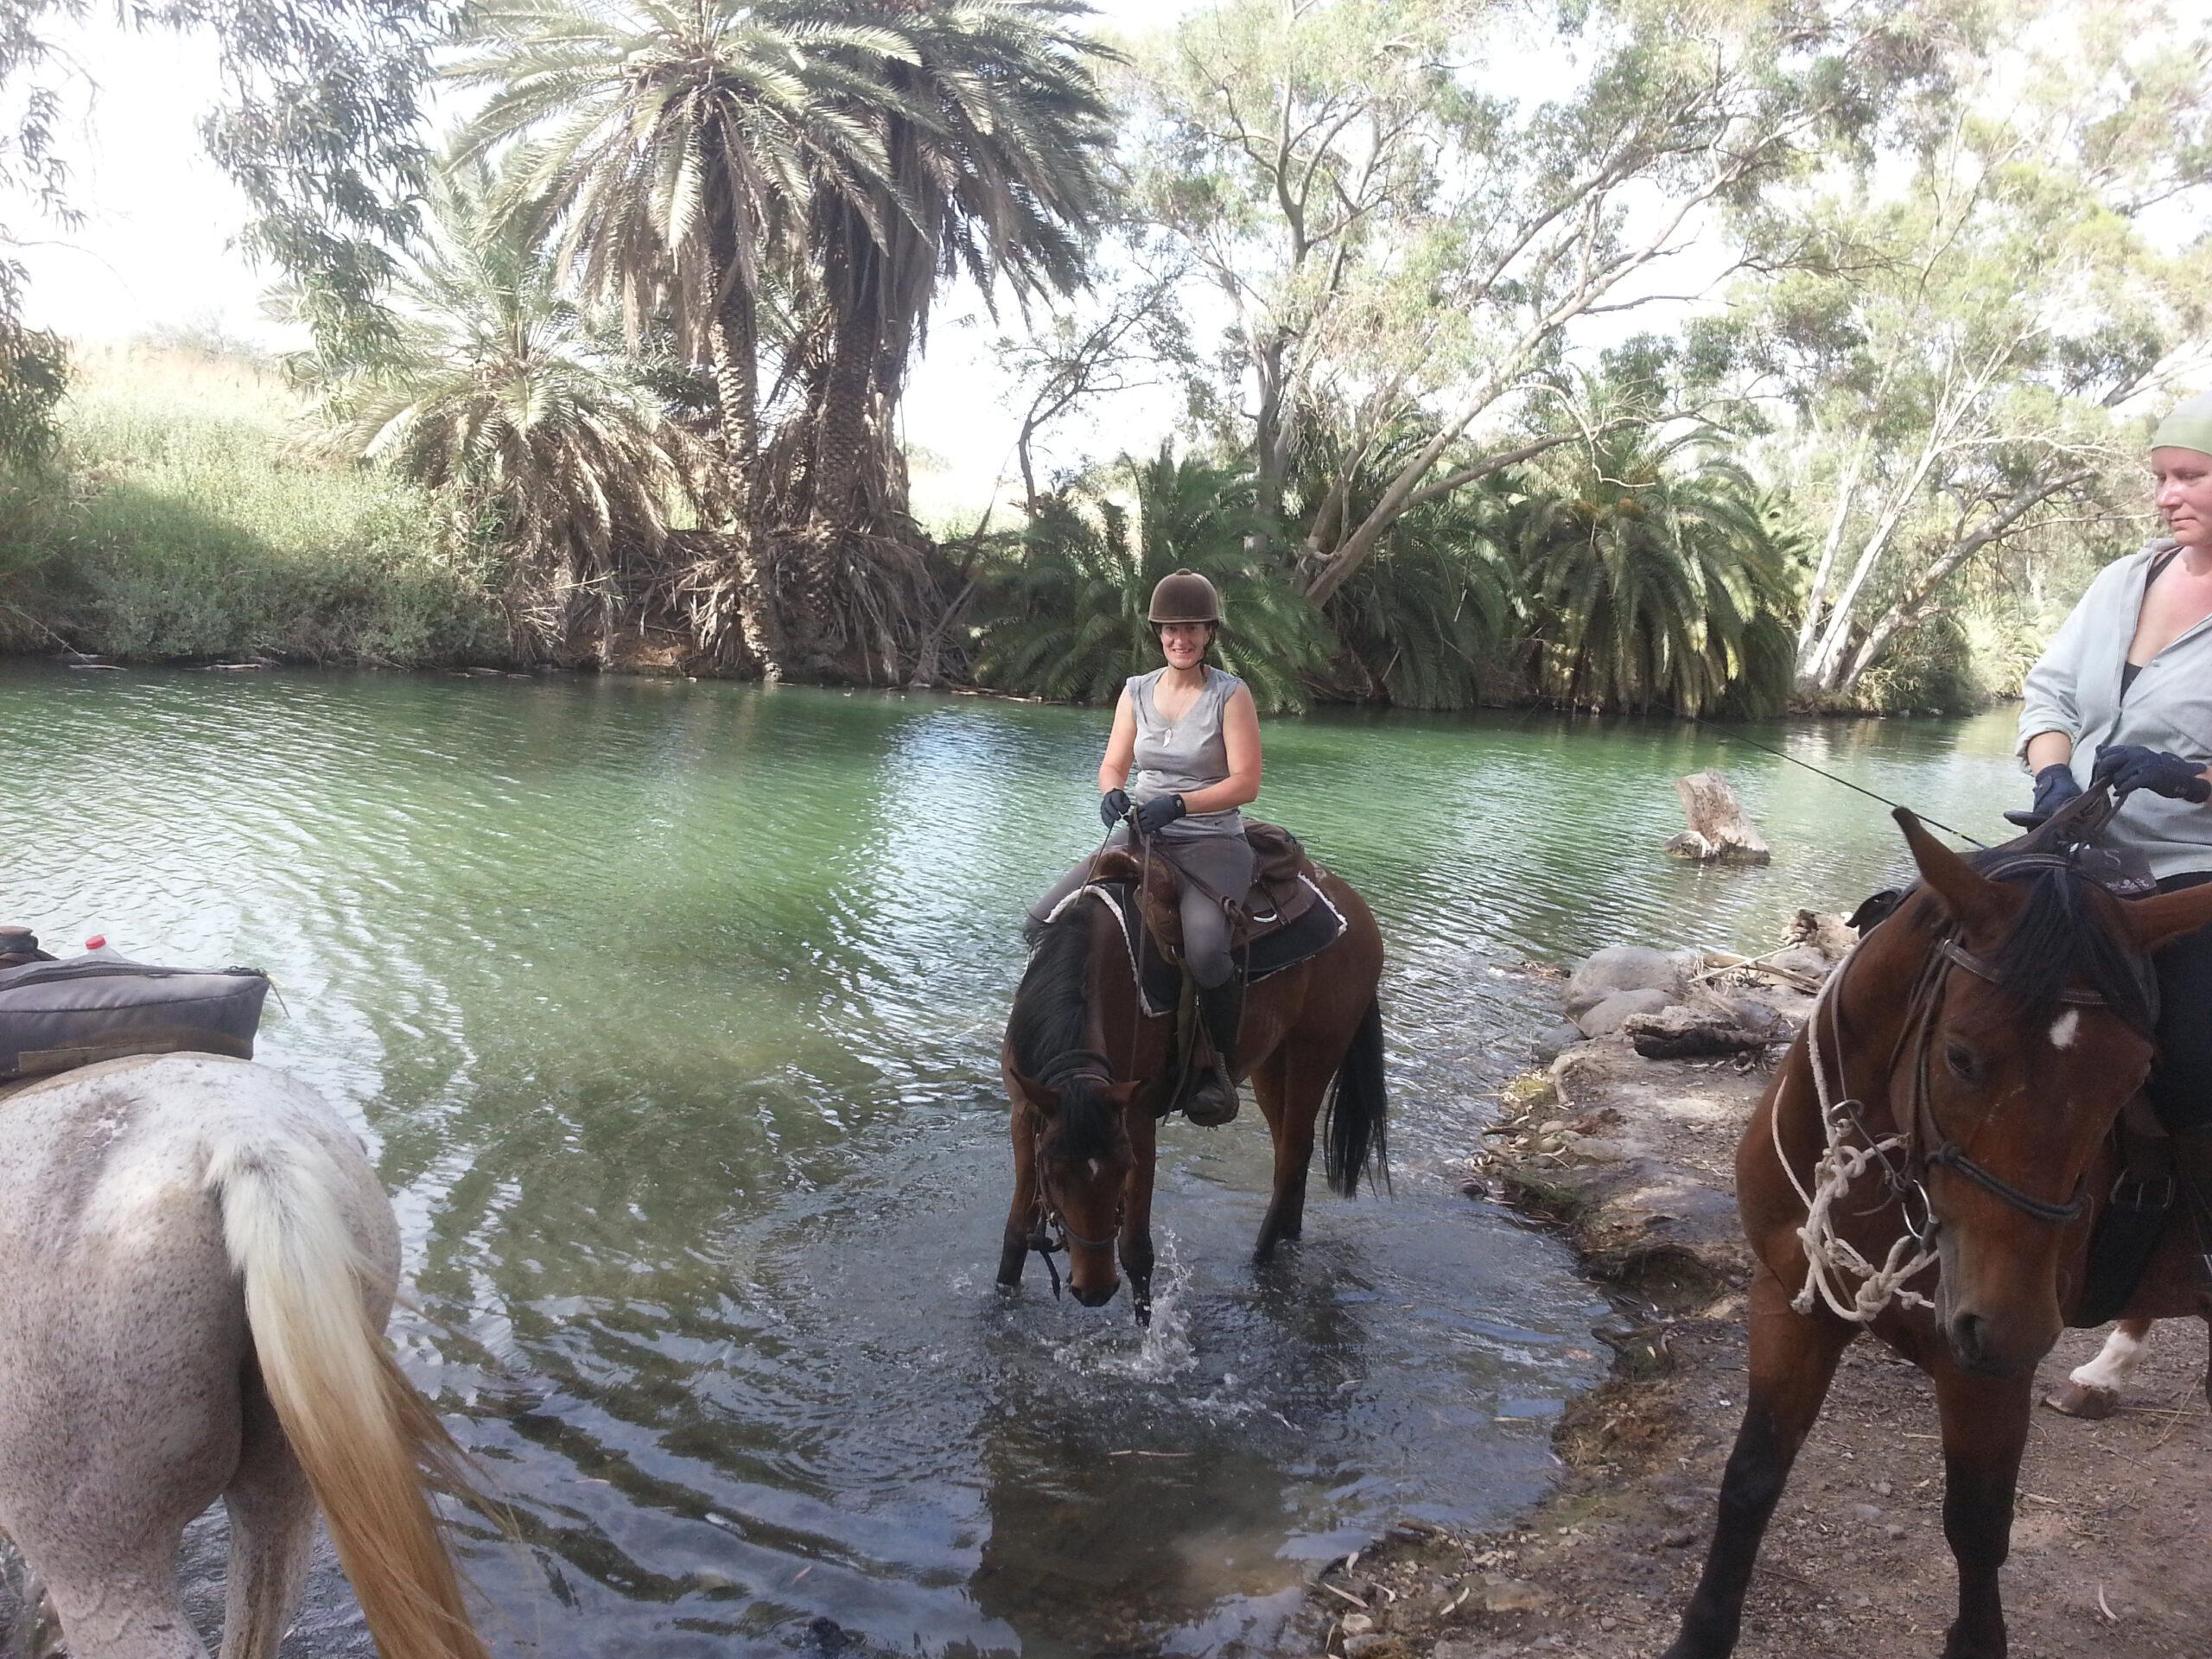 Ik ontmoette Josh op één van mijn mooiste reizen ooit: te paard dwars door de Namib Desert, slapen naast de paarden onder een gigantische sterrenhemel. Dankzij deze beeldcompilatie kon ik terugdromen, mijmeren en herbeleven. Thank you Josh Bava 😍 https://www.inthesaddle.com/rides/namib-desert/